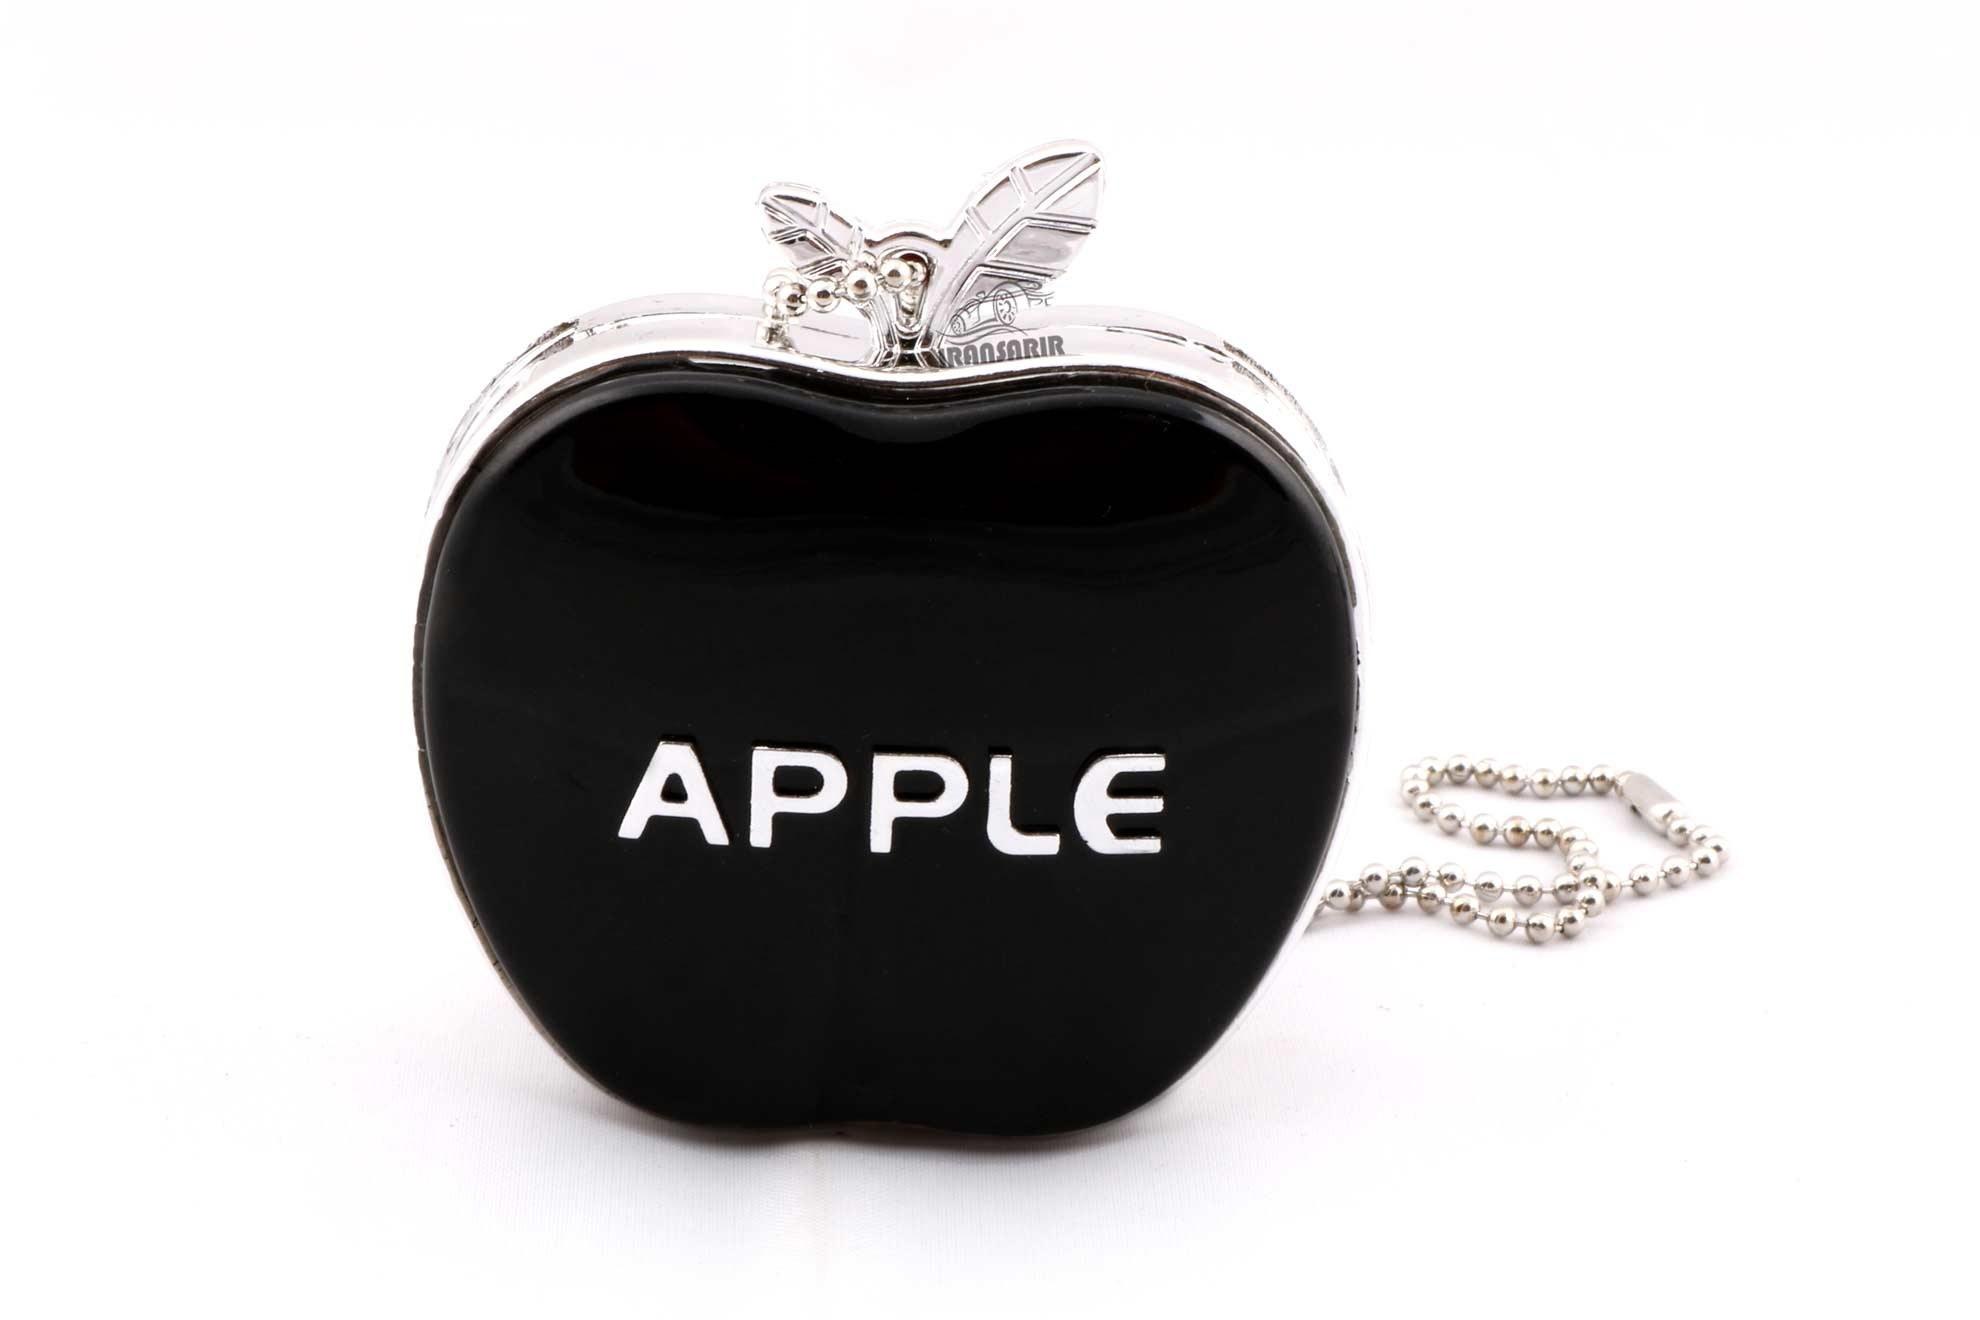 تصویر خوشبو کننده آویز مدل اپل